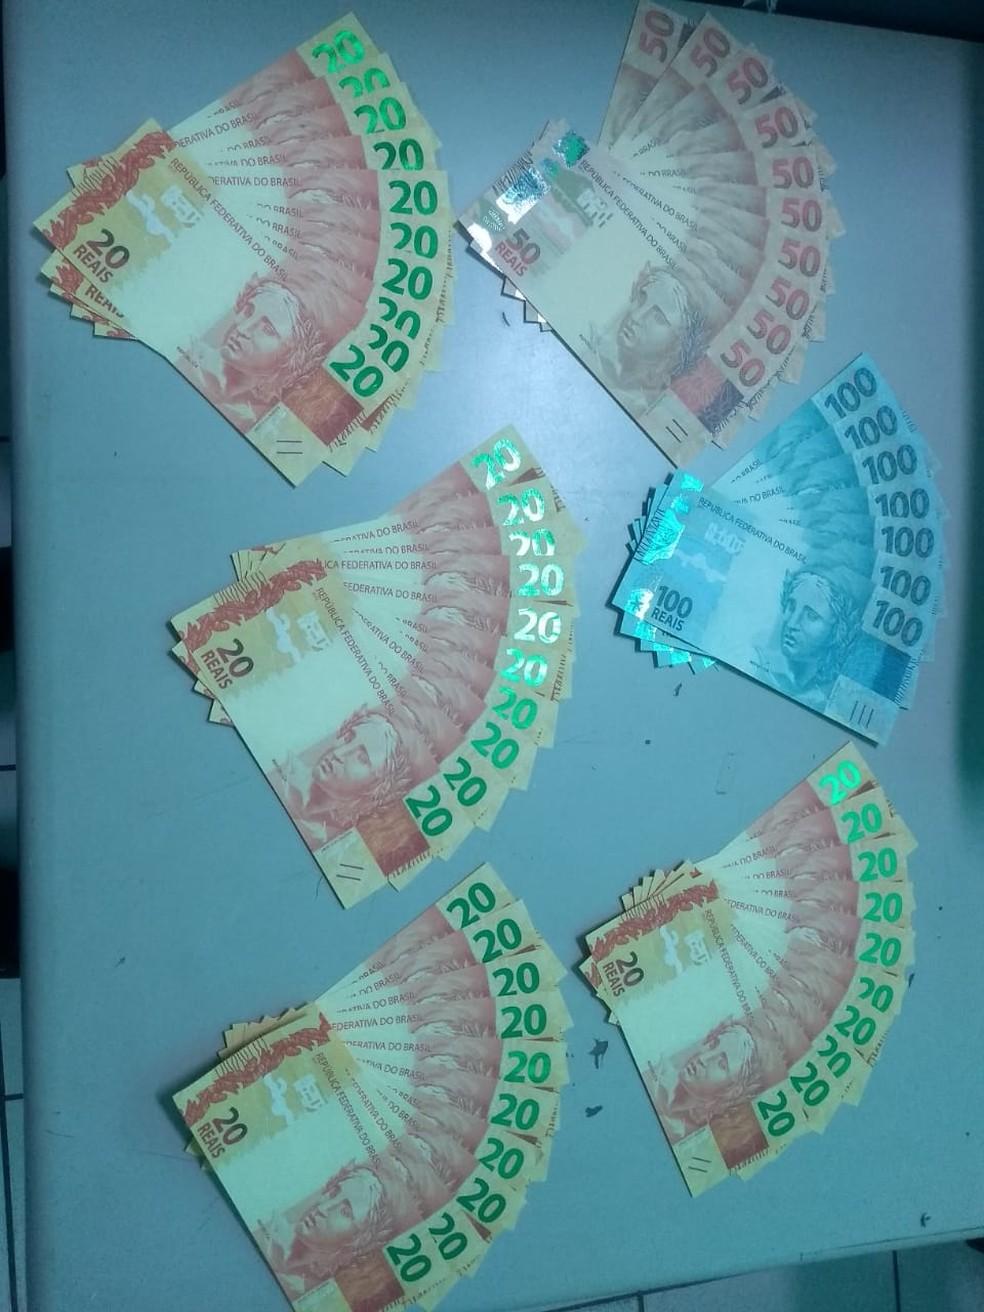 Suspeitos recebem dinheiro falso pelos Correios no Ceará. — Foto: PF-CE/ Divulgação